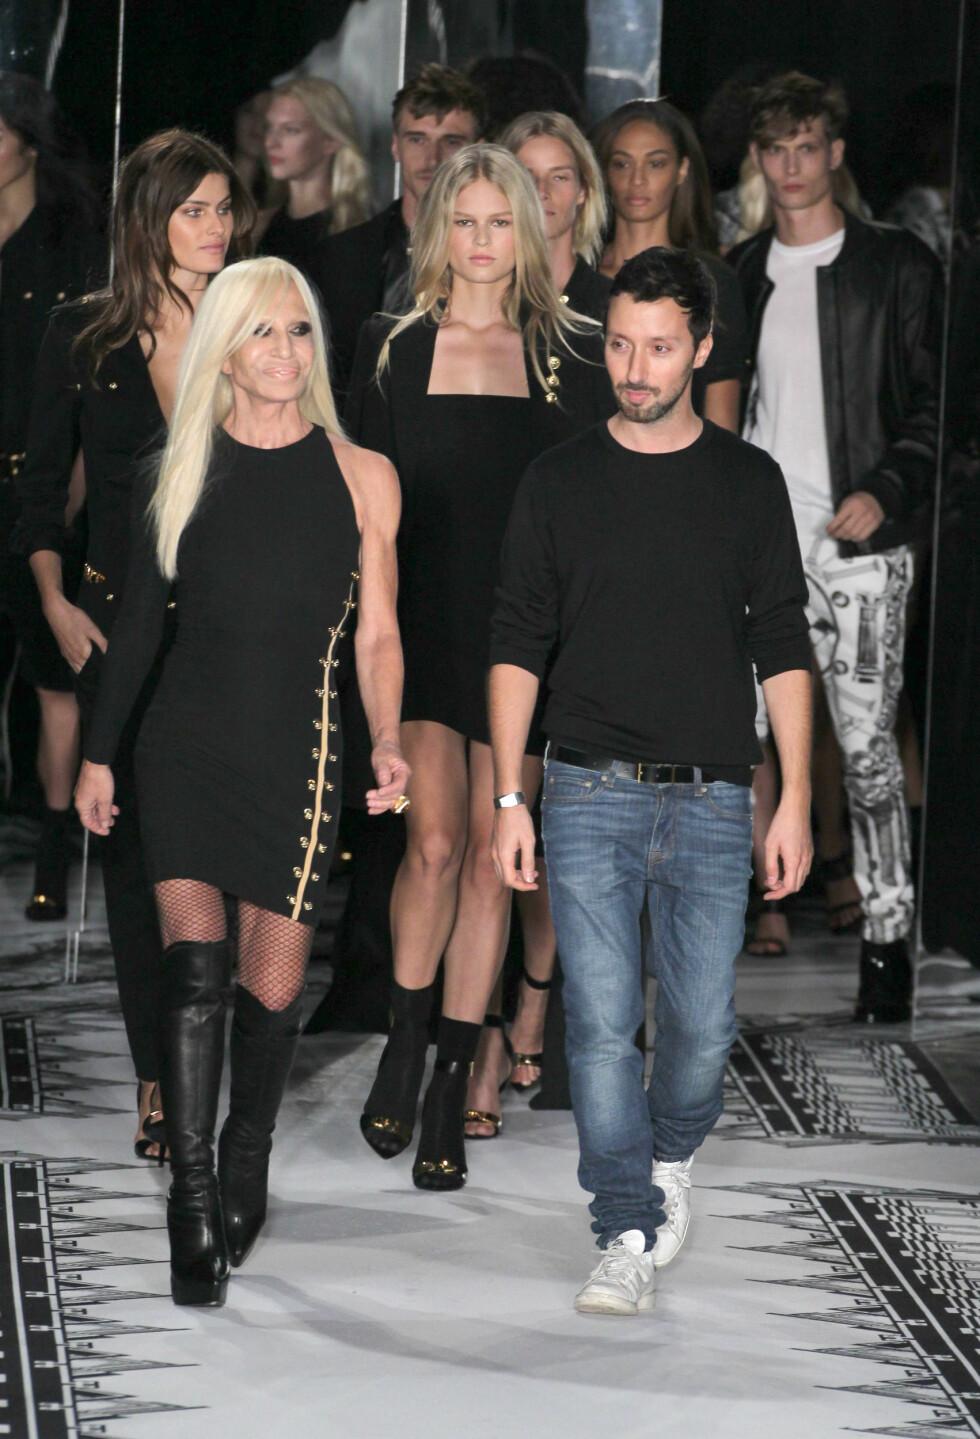 ASSYMETRISK: Designer Donatella Versace hadde selv på seg den hotte kjolen da hun mottok applaus etter kveldens visning.  Foto: REX/All Over Press